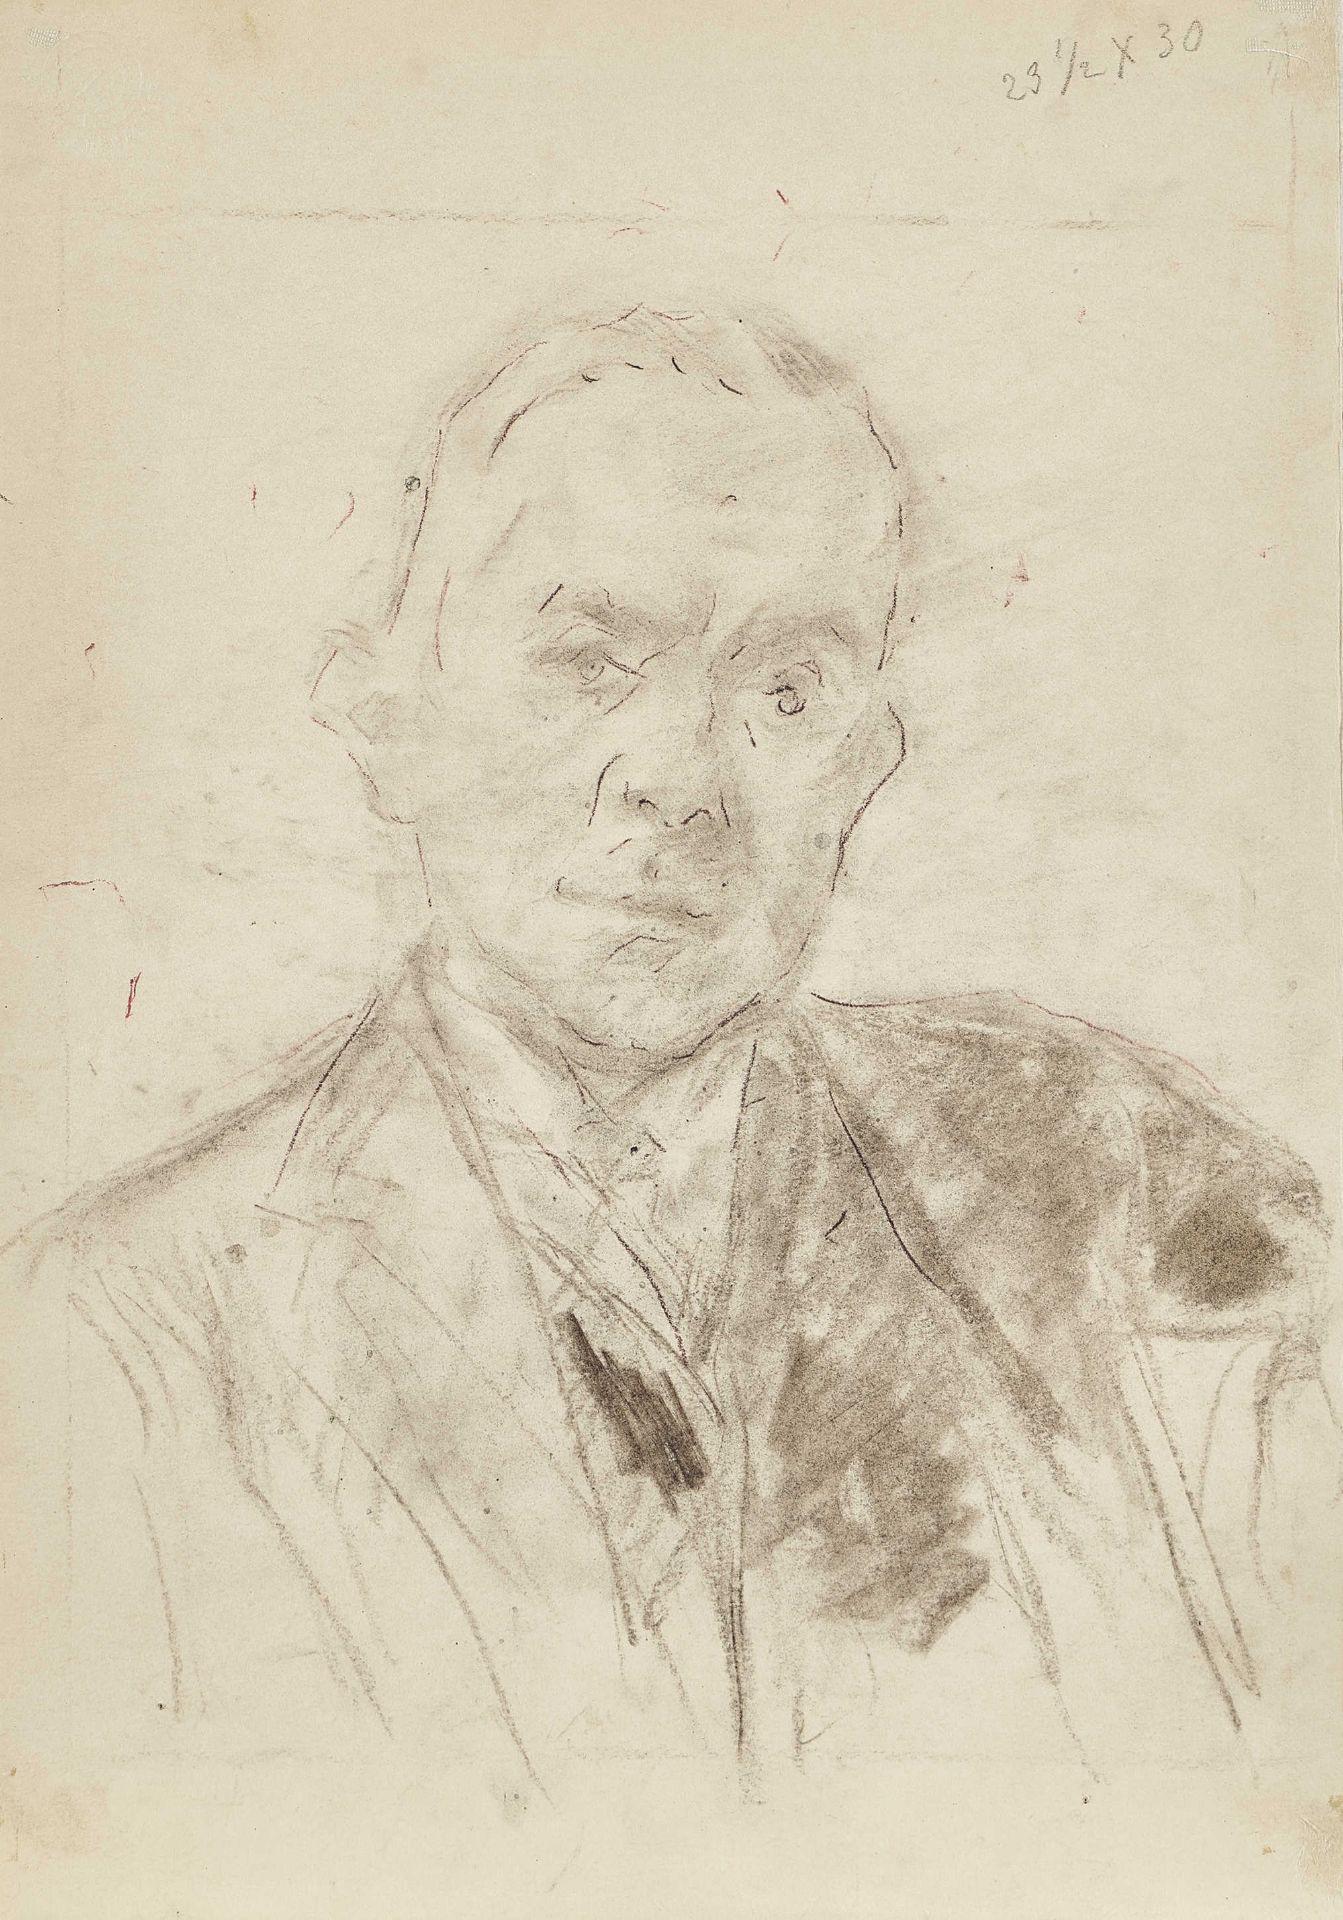 LIEBERMANN, MAX: Brustbildnis eines Mannes en face.